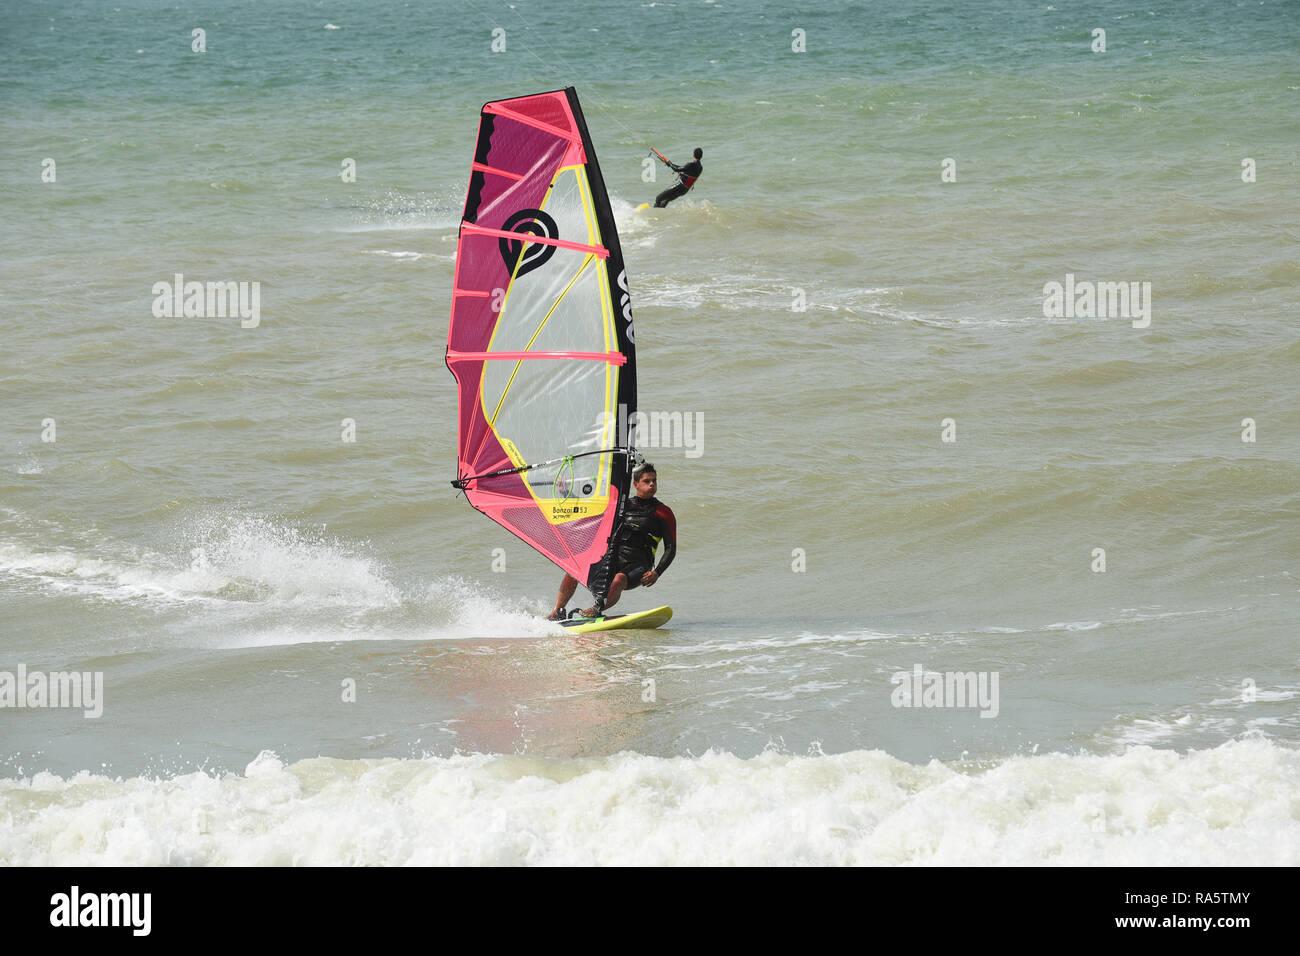 La planche à voile à Wissant dans le nord de la France Photo Stock